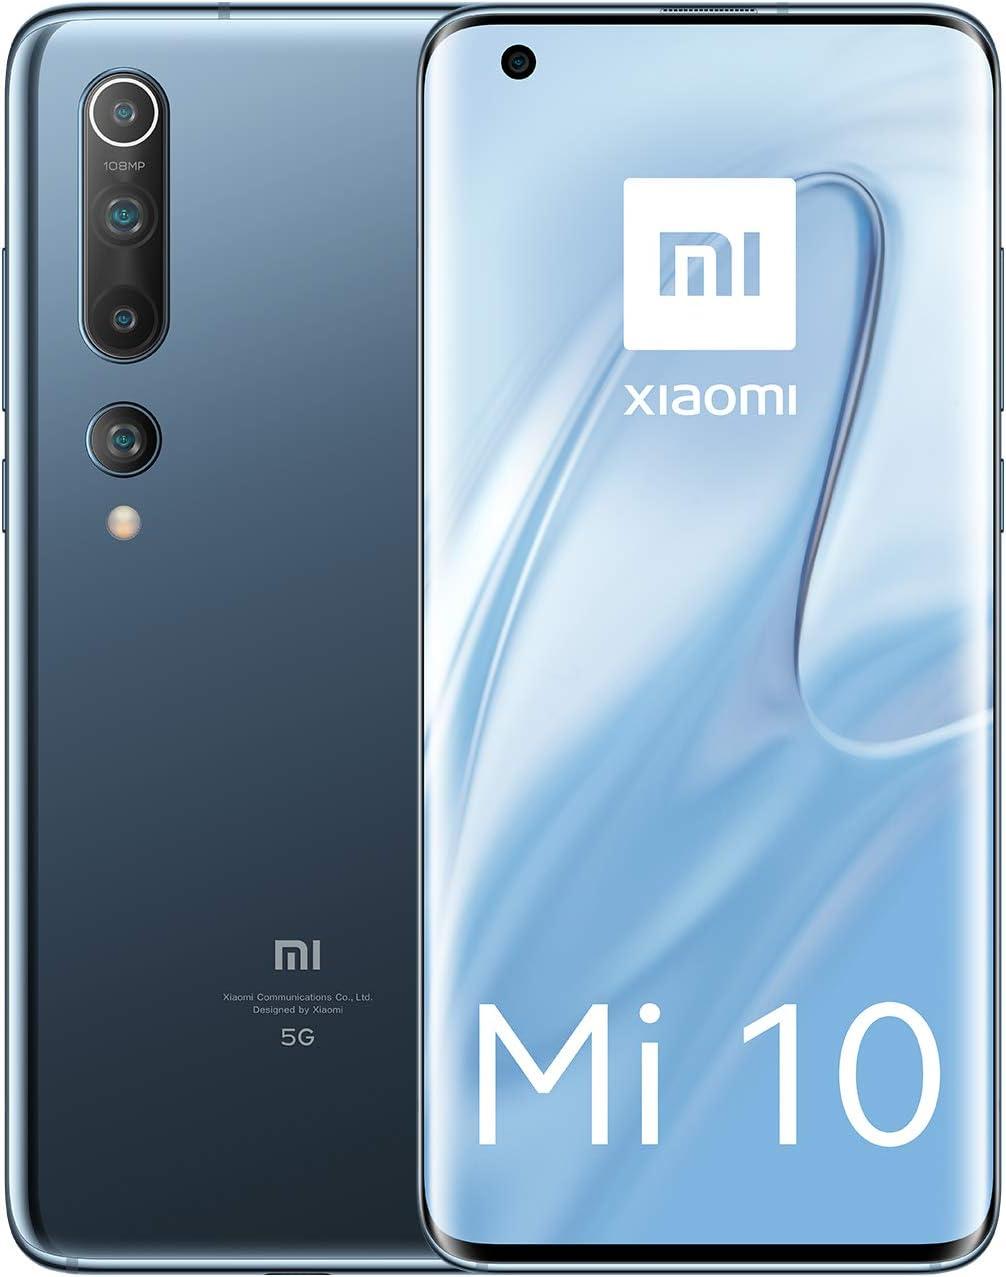 Presentazione ufficiale di MIUI 12 nuove funzionalità, dispositivi supportati e altro ancora